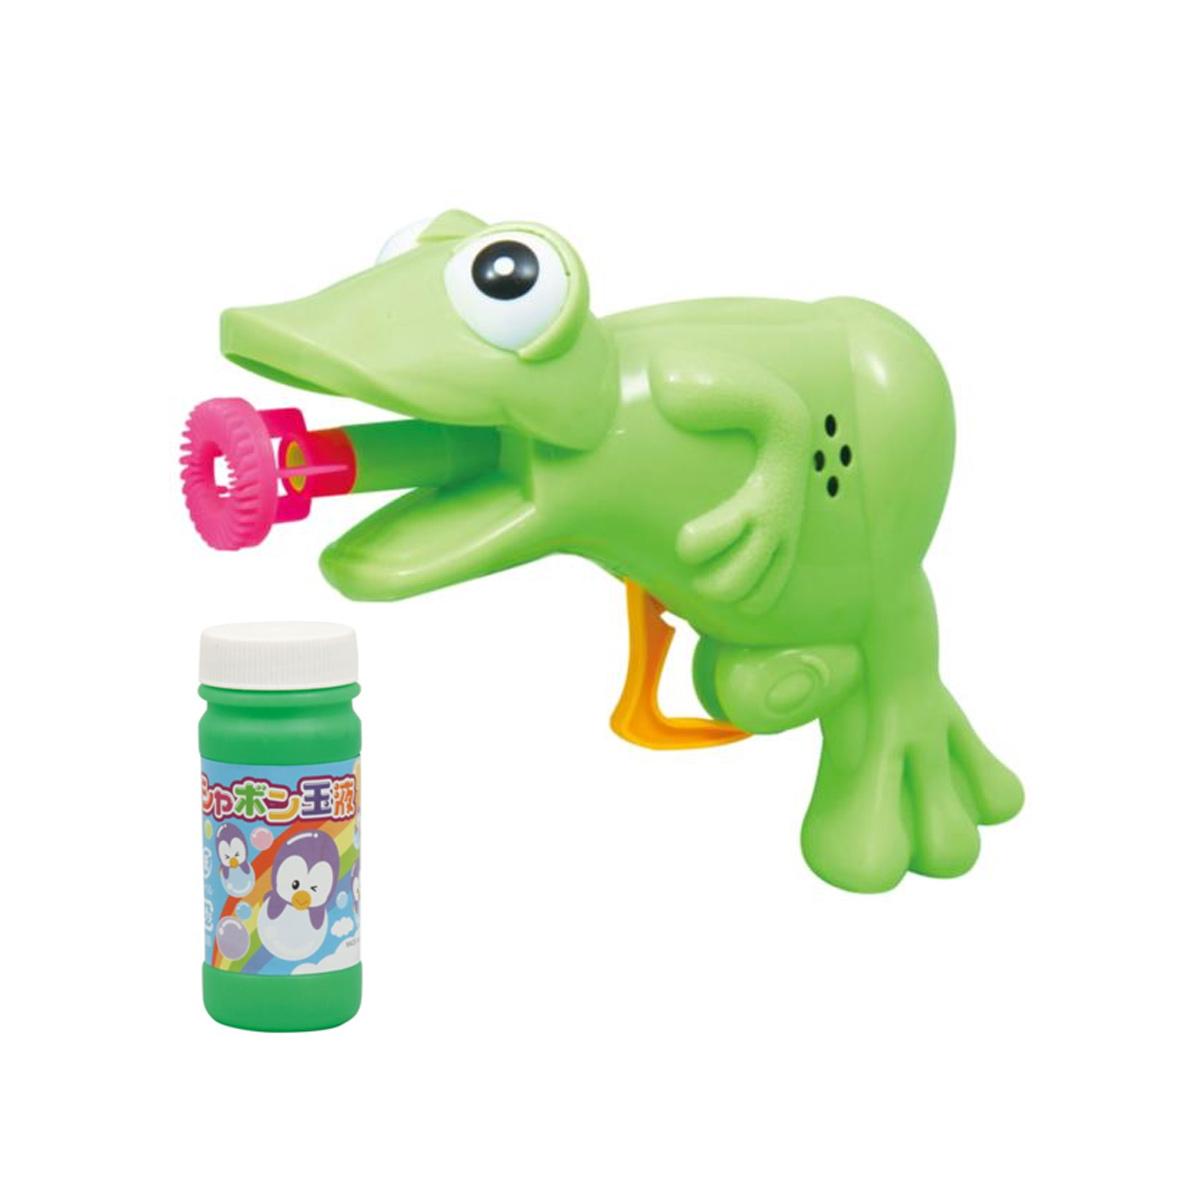 カエルしゃぼん 子供 キッズ 幼児 知育玩具 しゃぼん玉 おもちゃ 祭り 景品